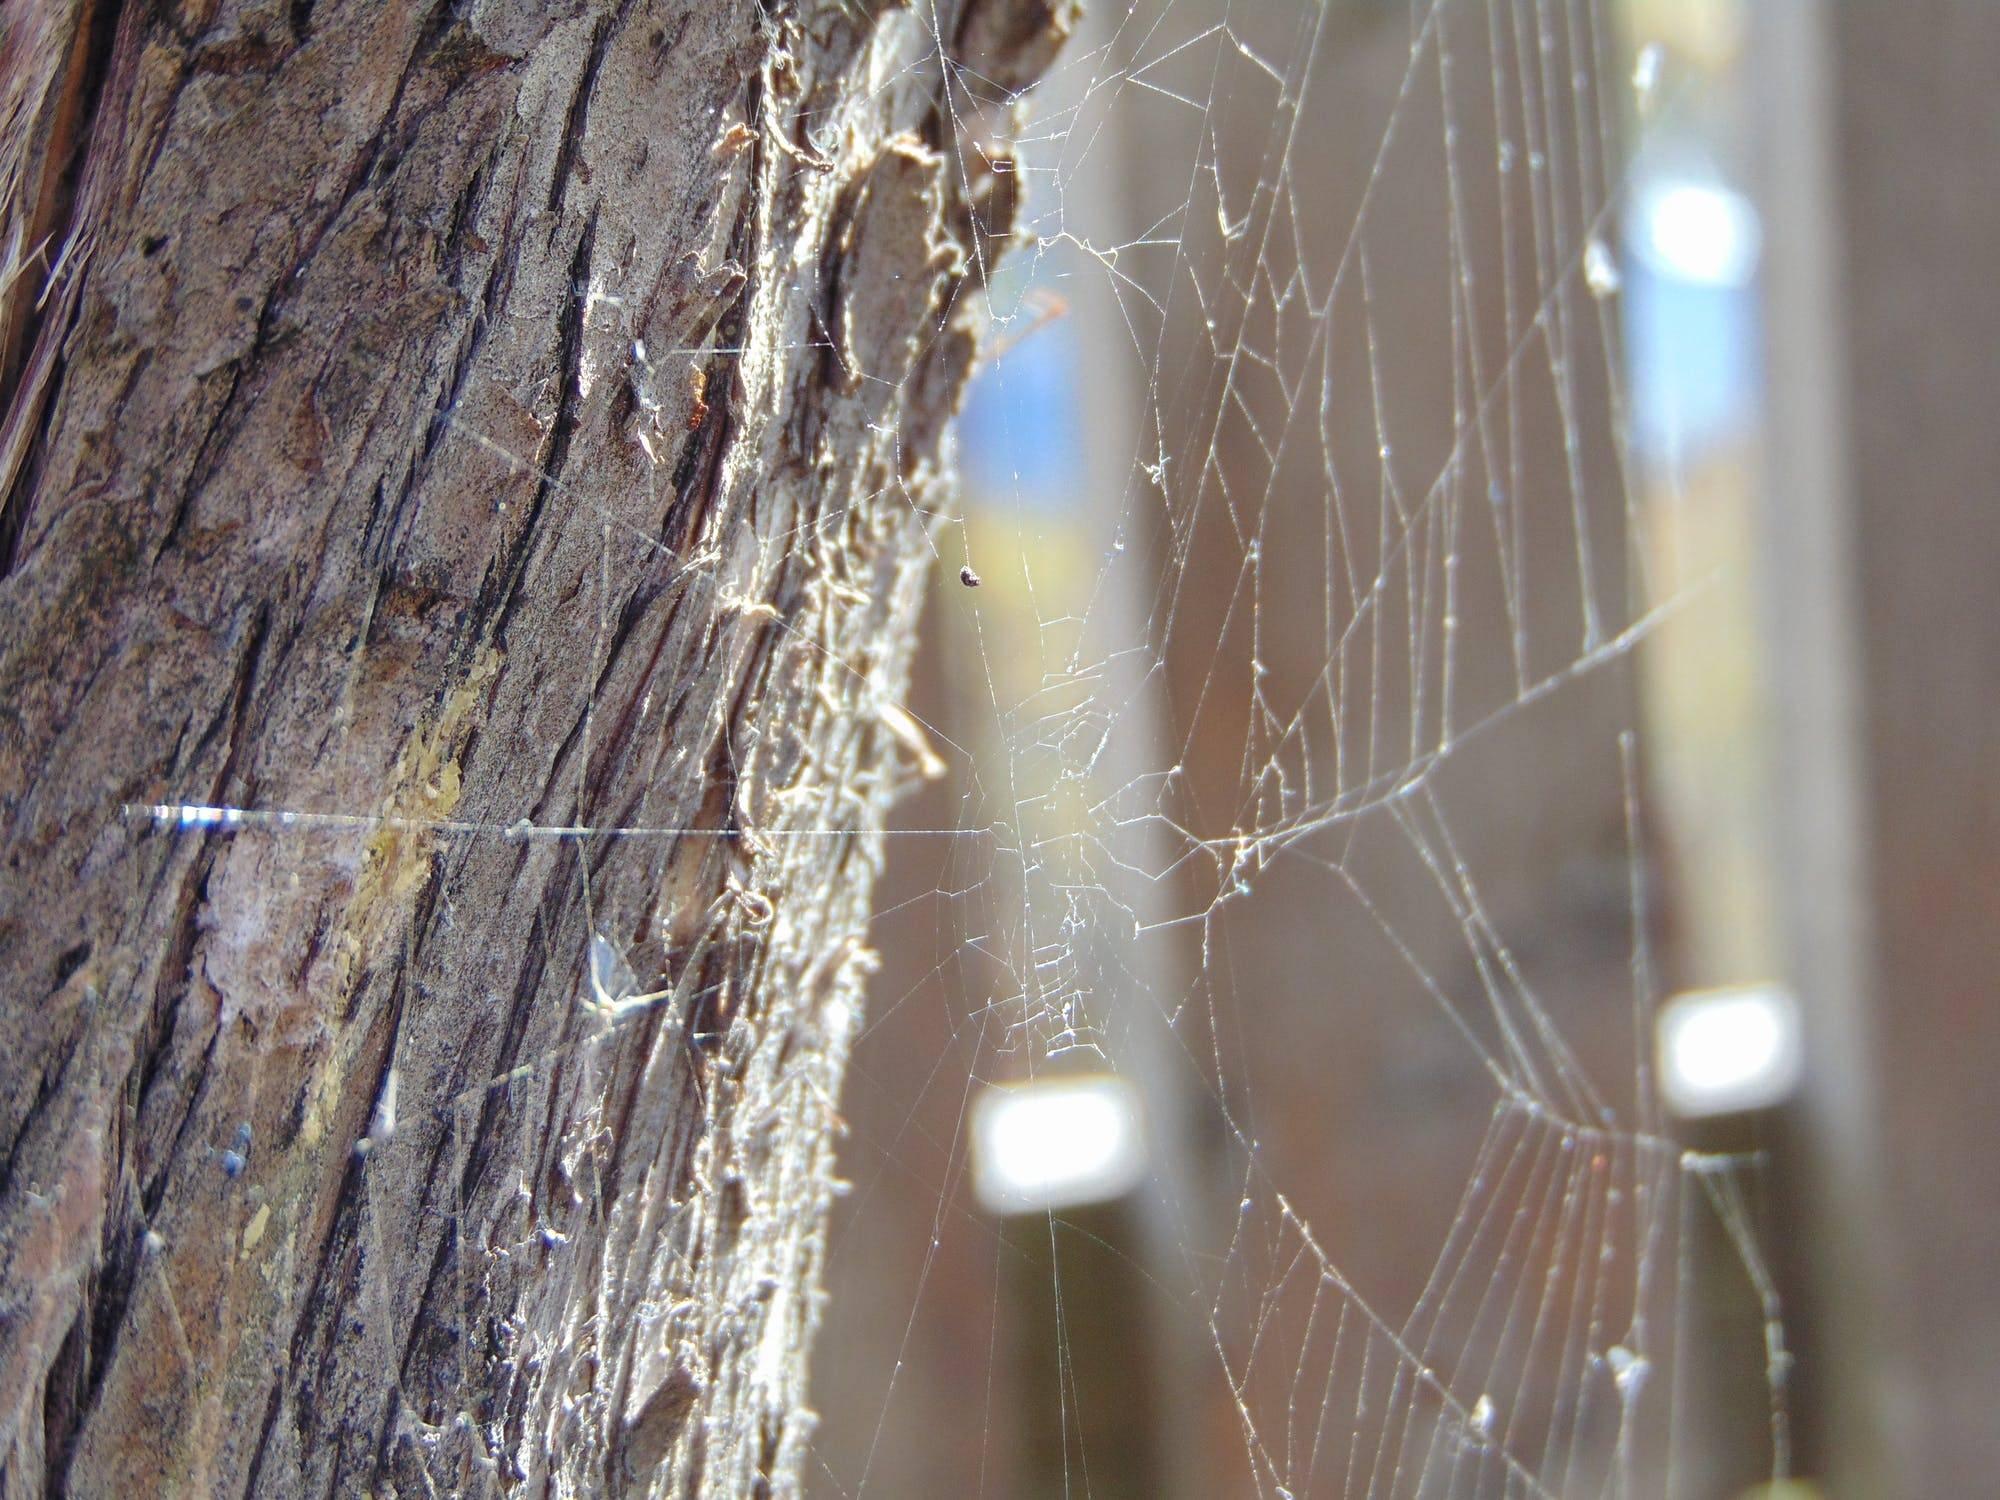 Как избавиться от летучих мышей на балконе: 6 проверенных способов